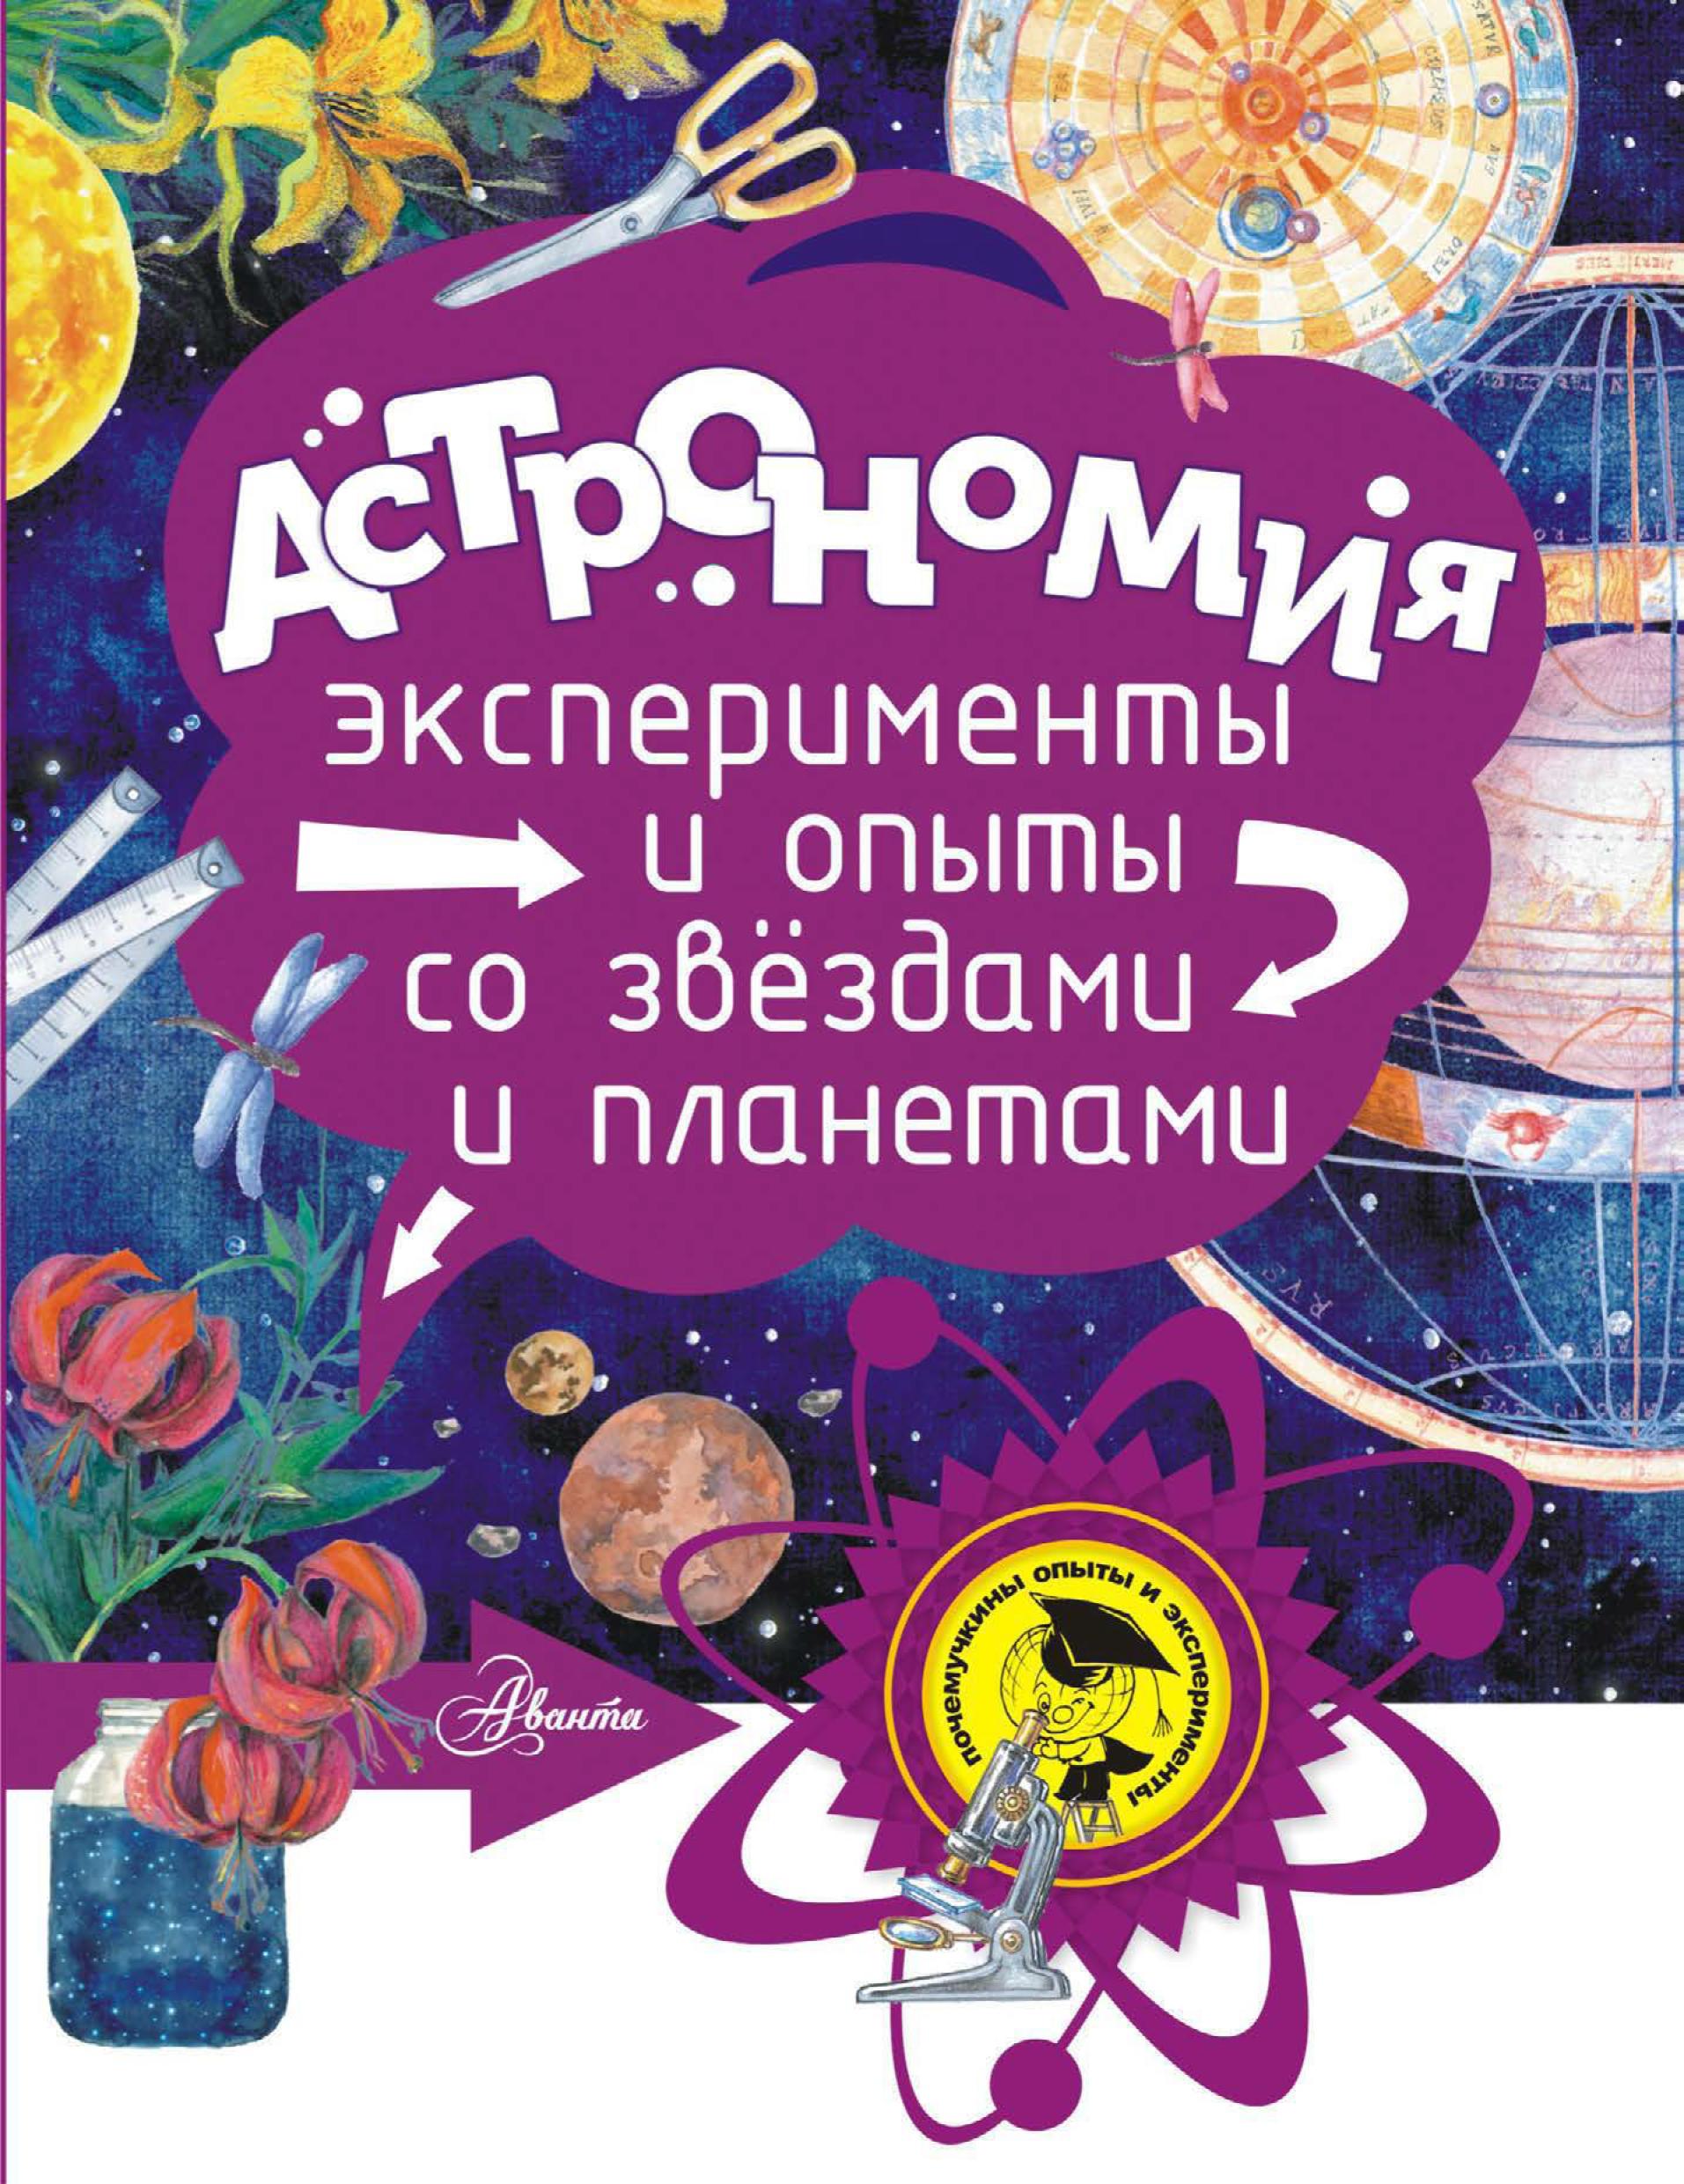 Оксана Абрамова Астрономия абрамова о астрономия эксперименты и опыты со звездами и планетами isbn 9785171042615